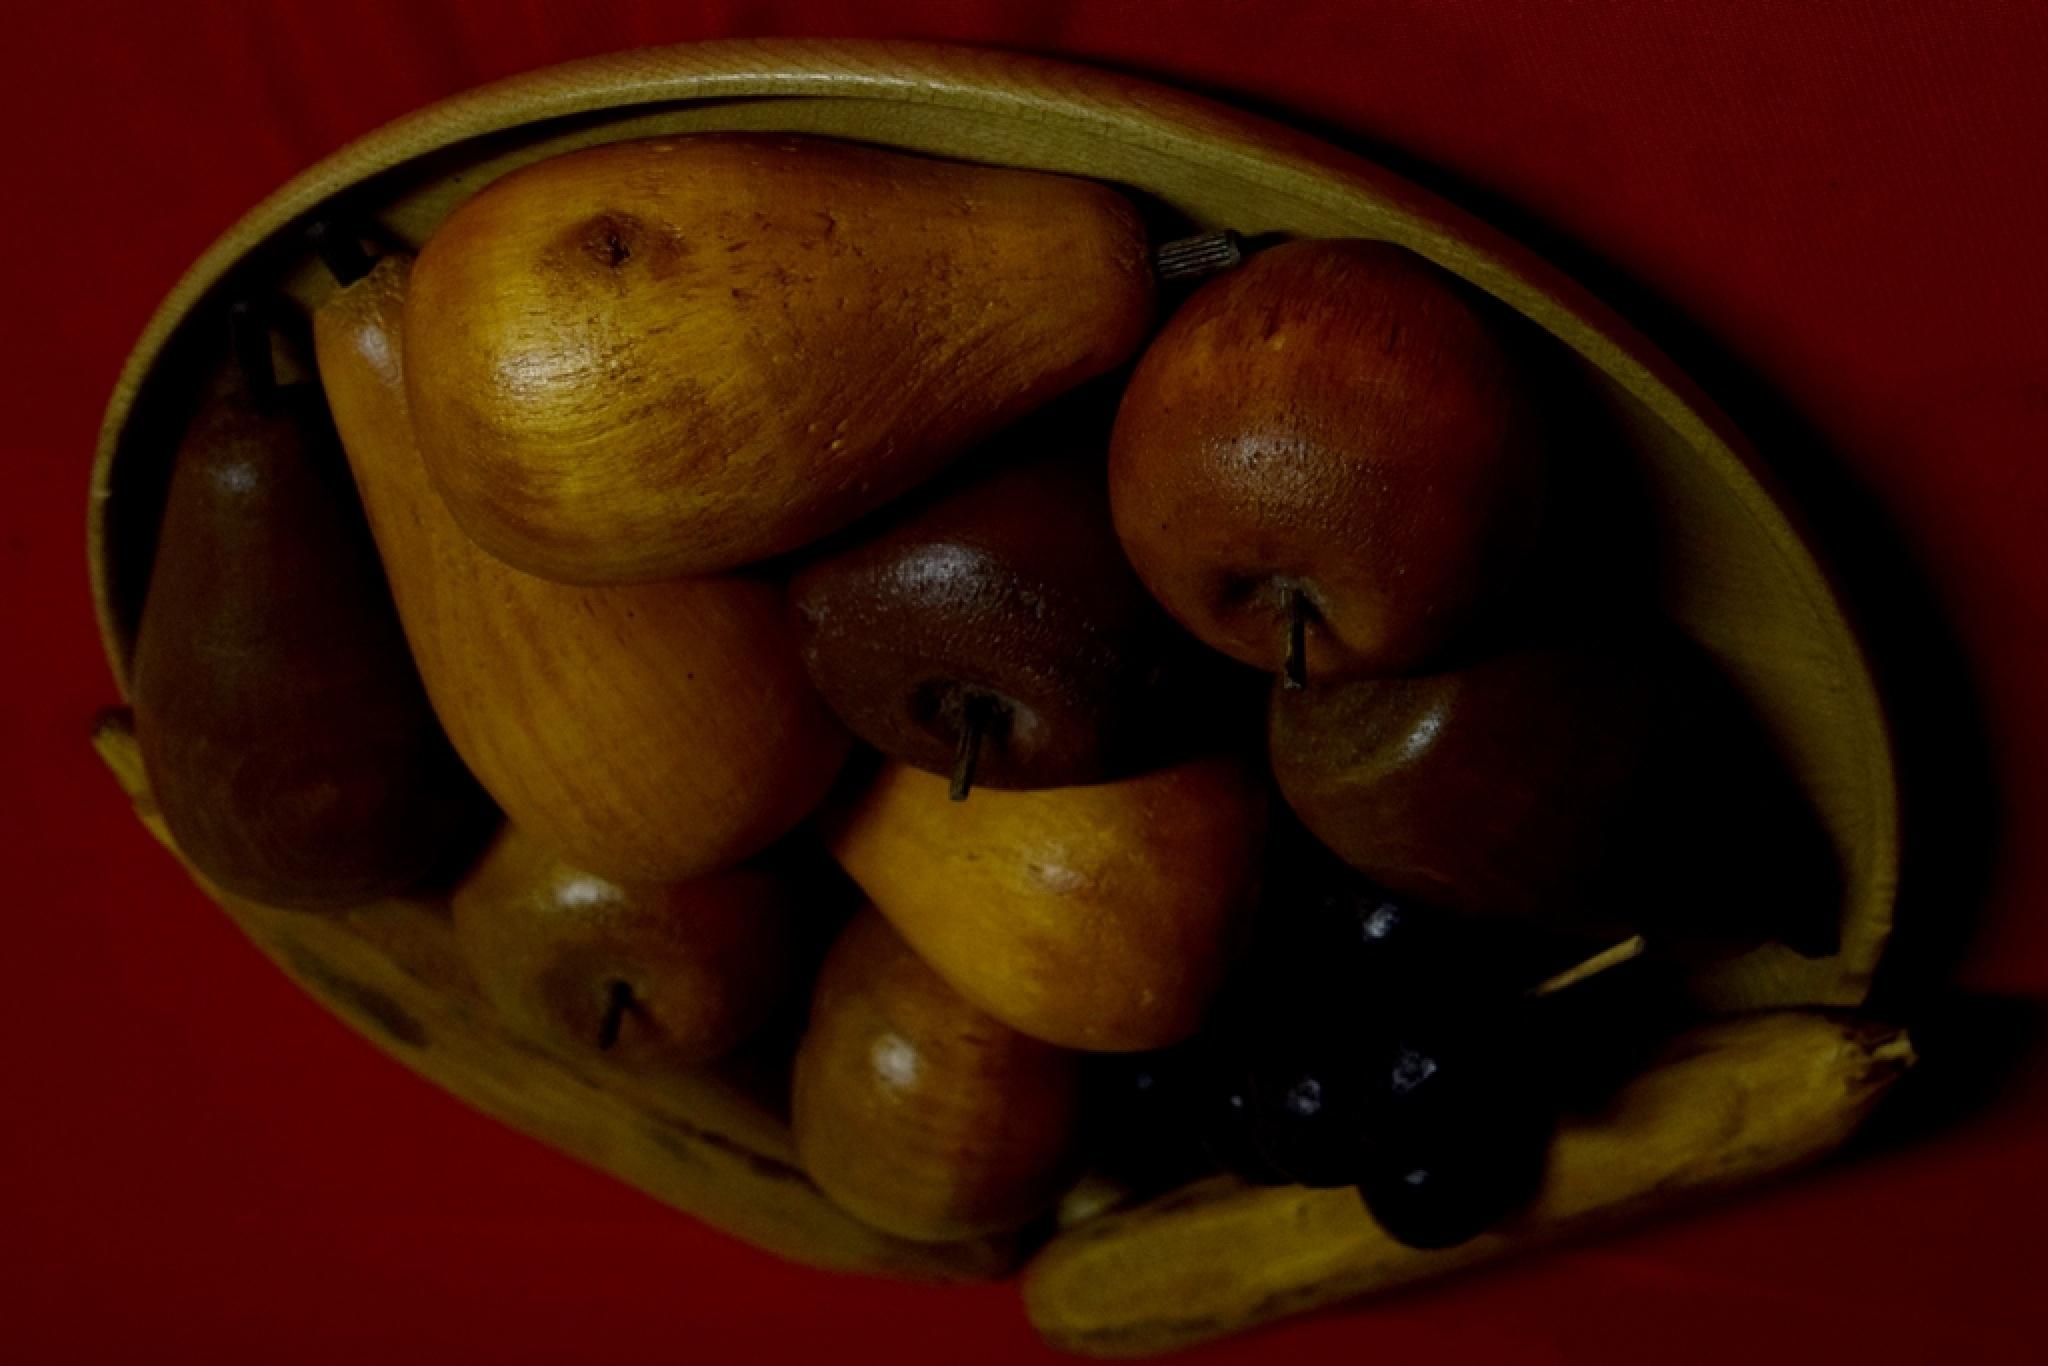 les fruits de bois by pawel2reklewski